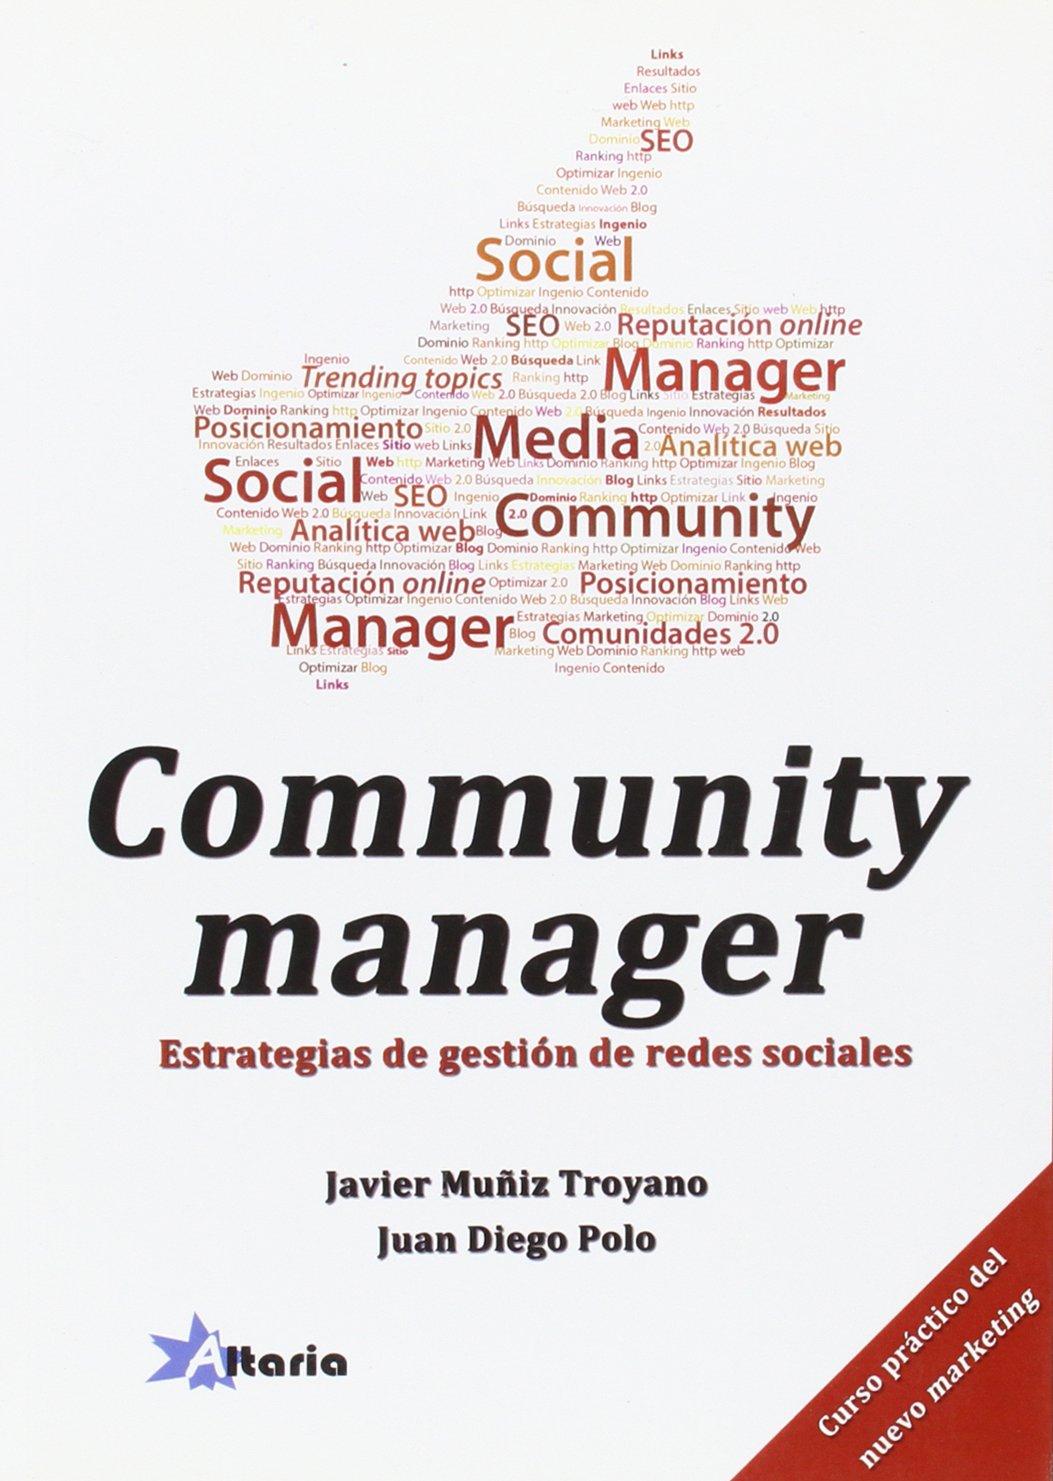 Community manager: estrategias de gestión de redes sociales: Amazon.es: Javier Muñiz Troyano, Juan Diego Polo: Libros